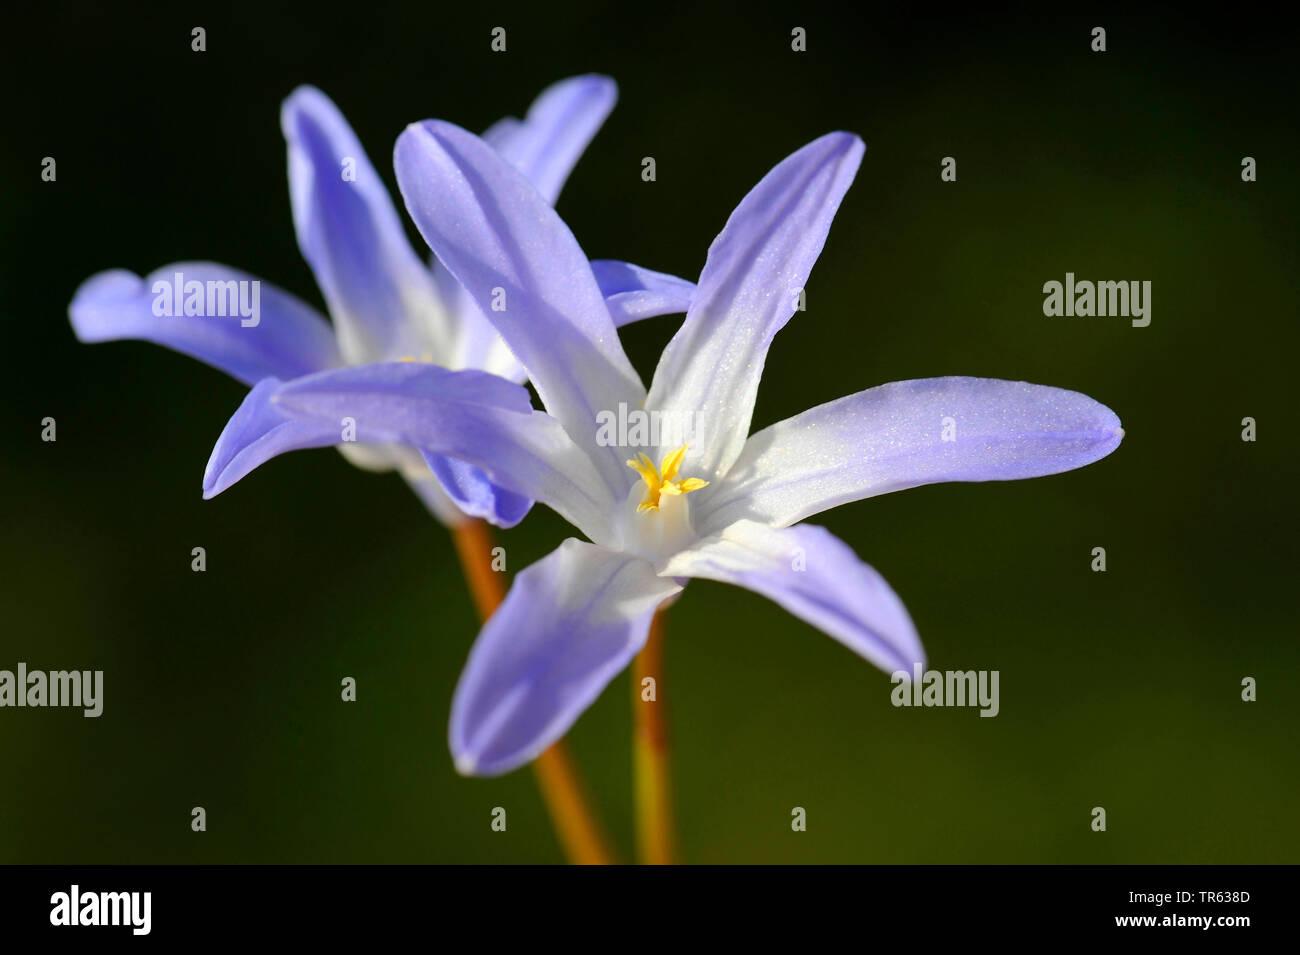 Schneeglanz, Schneestolz, Sternhyacinthe, Gewoehnliche Sternhyazinthe (Chionodoxa luciliae, Scilla luciliae, Chionodoxa luciliae), zwei Blueten   Glor Stock Photo